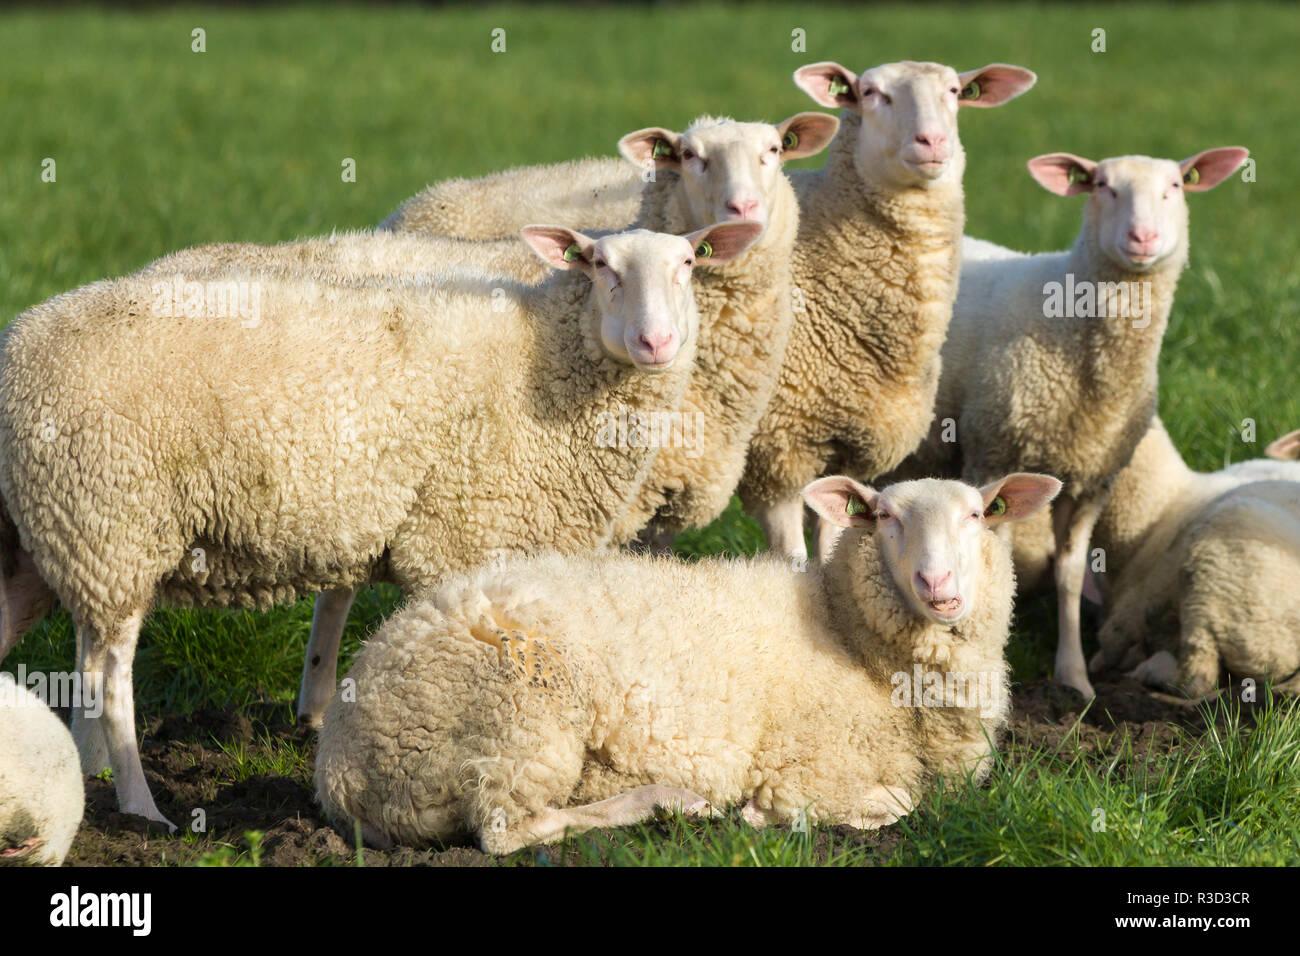 farm stock sheep looking alert at camera - Stock Image